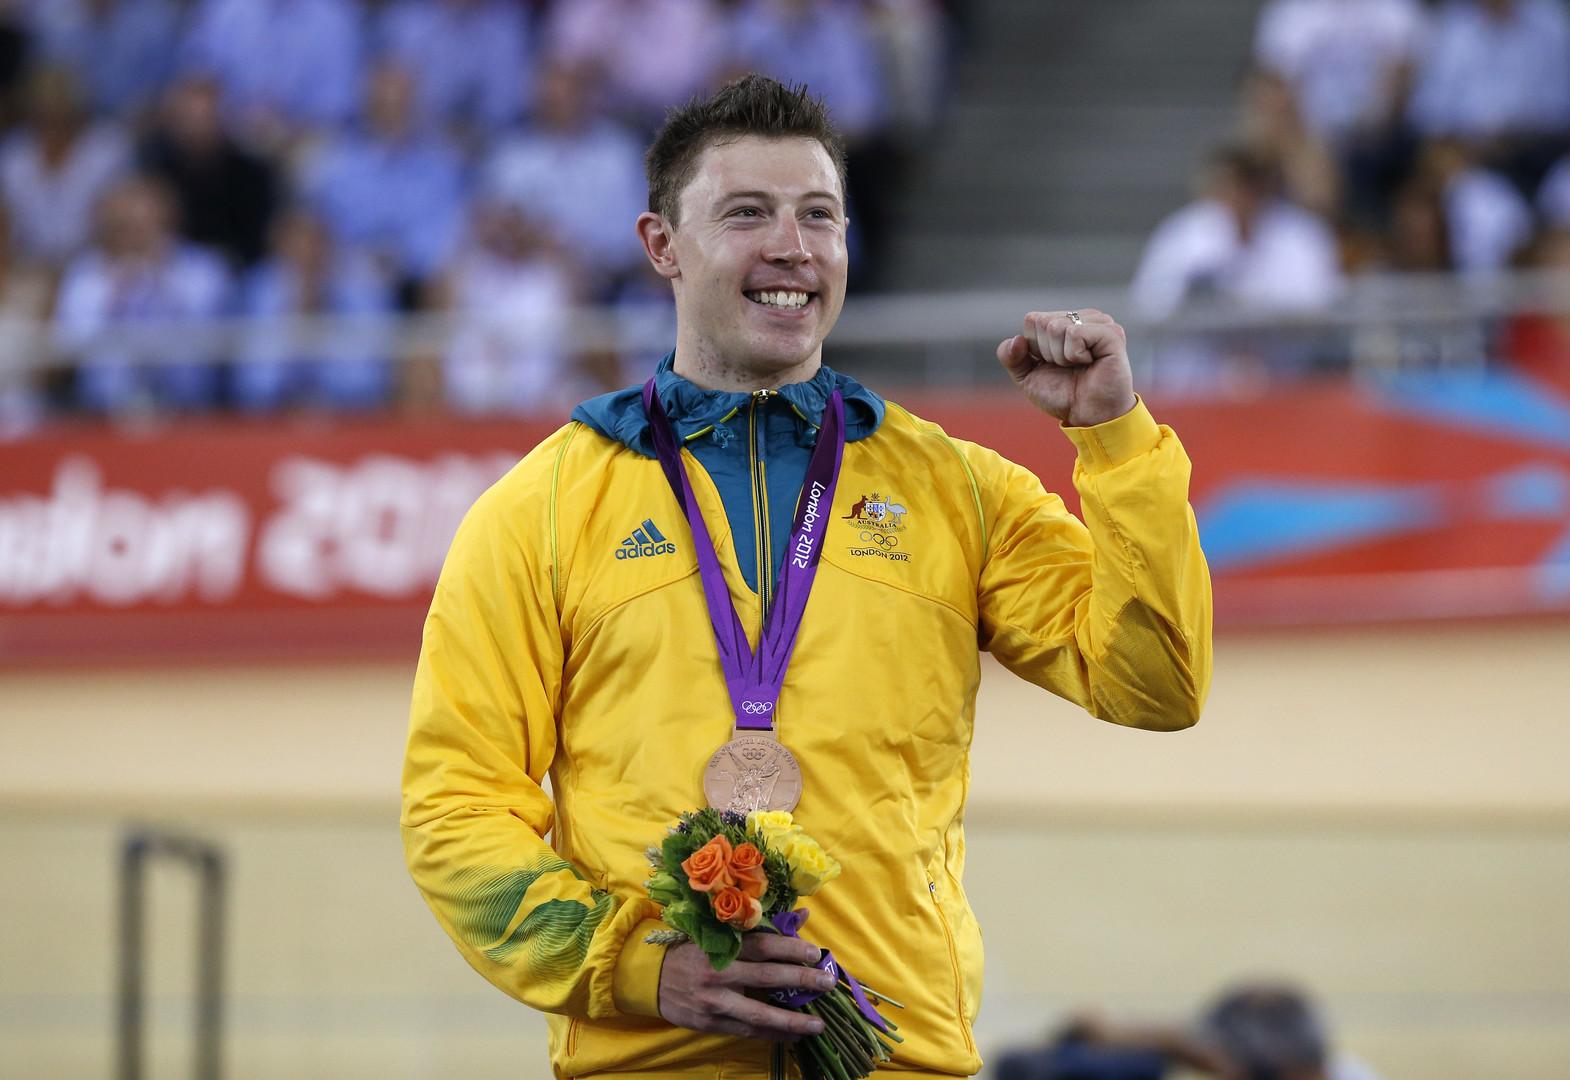 Новый русский: двукратный чемпион мира по велоспорту на треке австралиец Перкинс получил российское гражданство